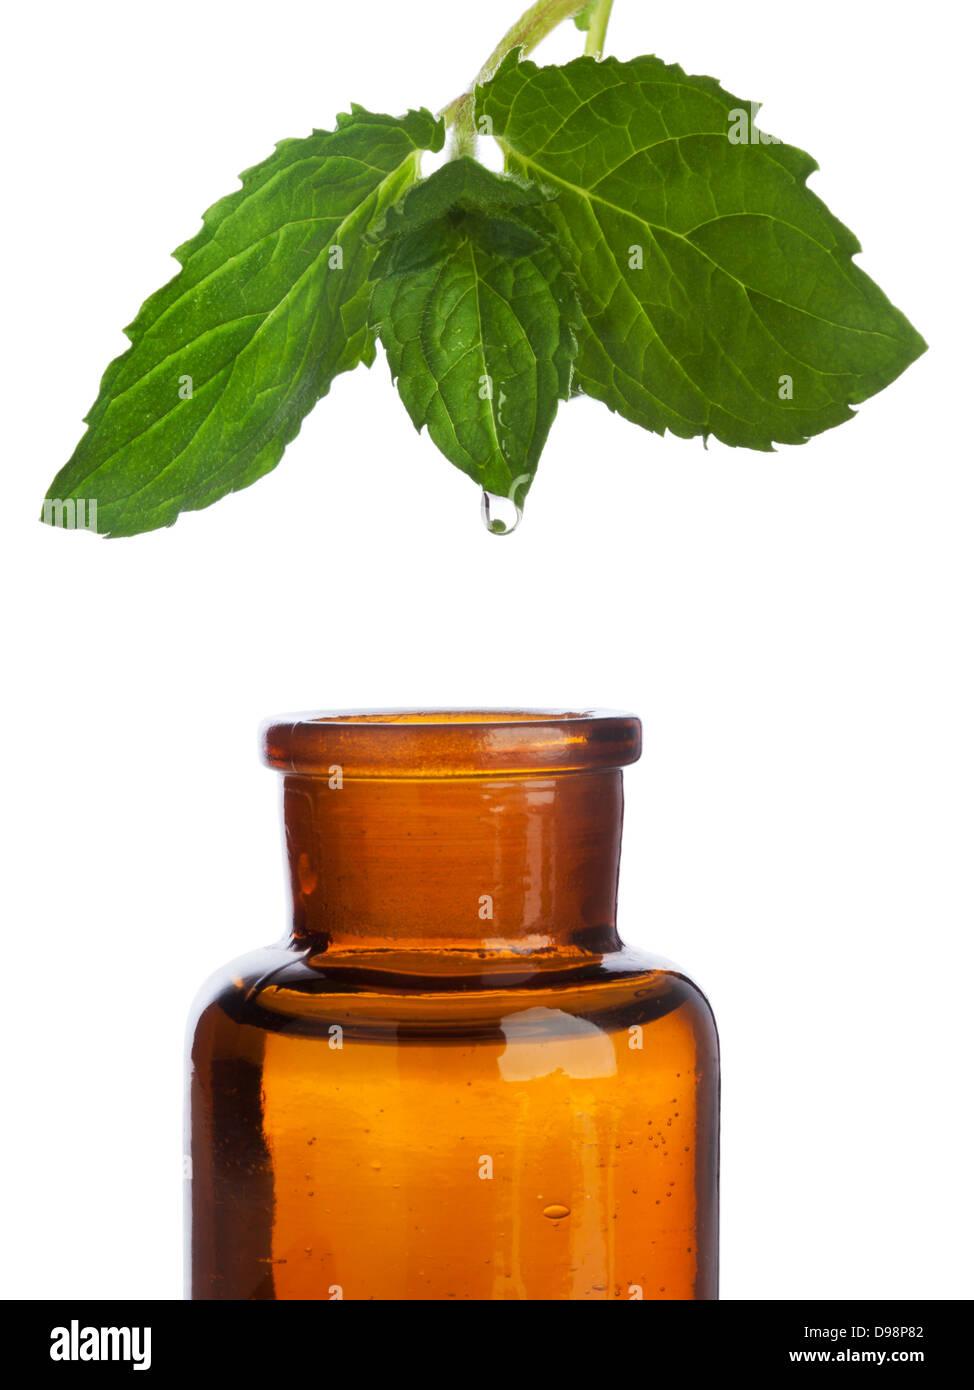 Drop von Kräuterwesentliches tropft aus Minze in braun Apotheke Flasche auf Hintergrund isoliert Stockbild